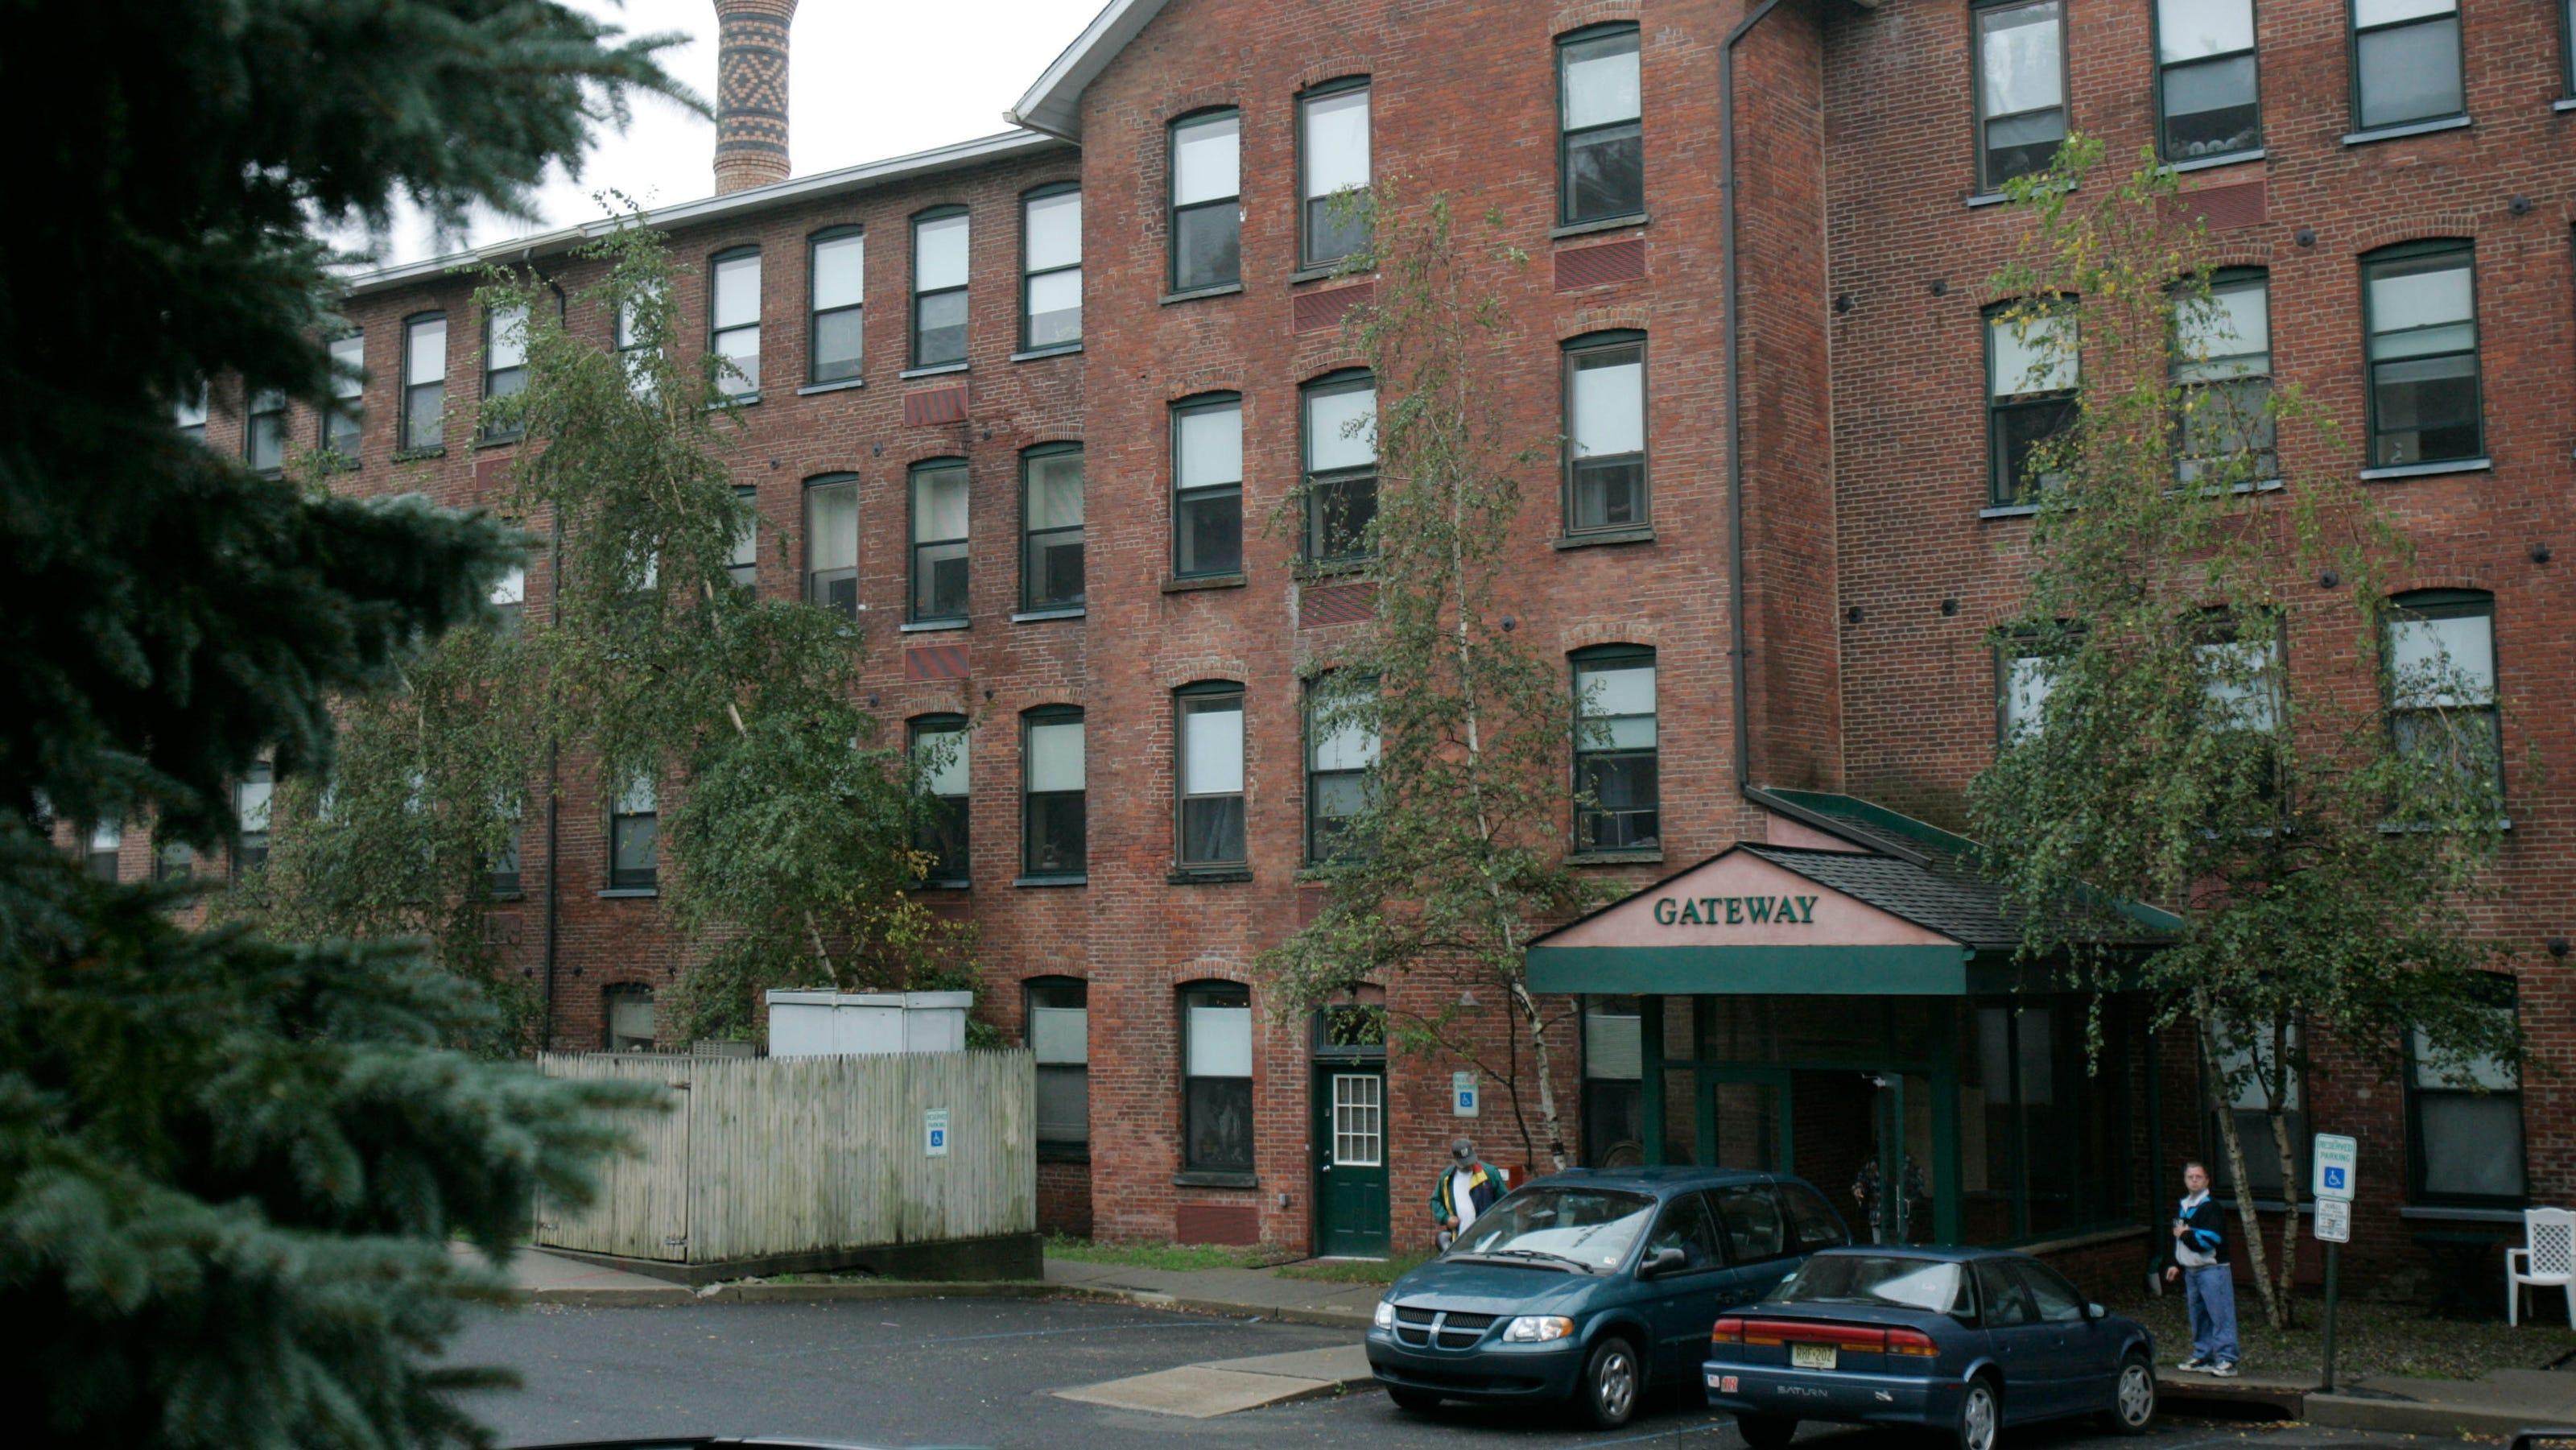 70a718a1 a383 4d88 b4a8 99c0c68ac8b3 Merriam Gateway apartments jpg?crop=3503,1971,x0,y350&width=3200&height=1801&format=pjpg&auto=webp.